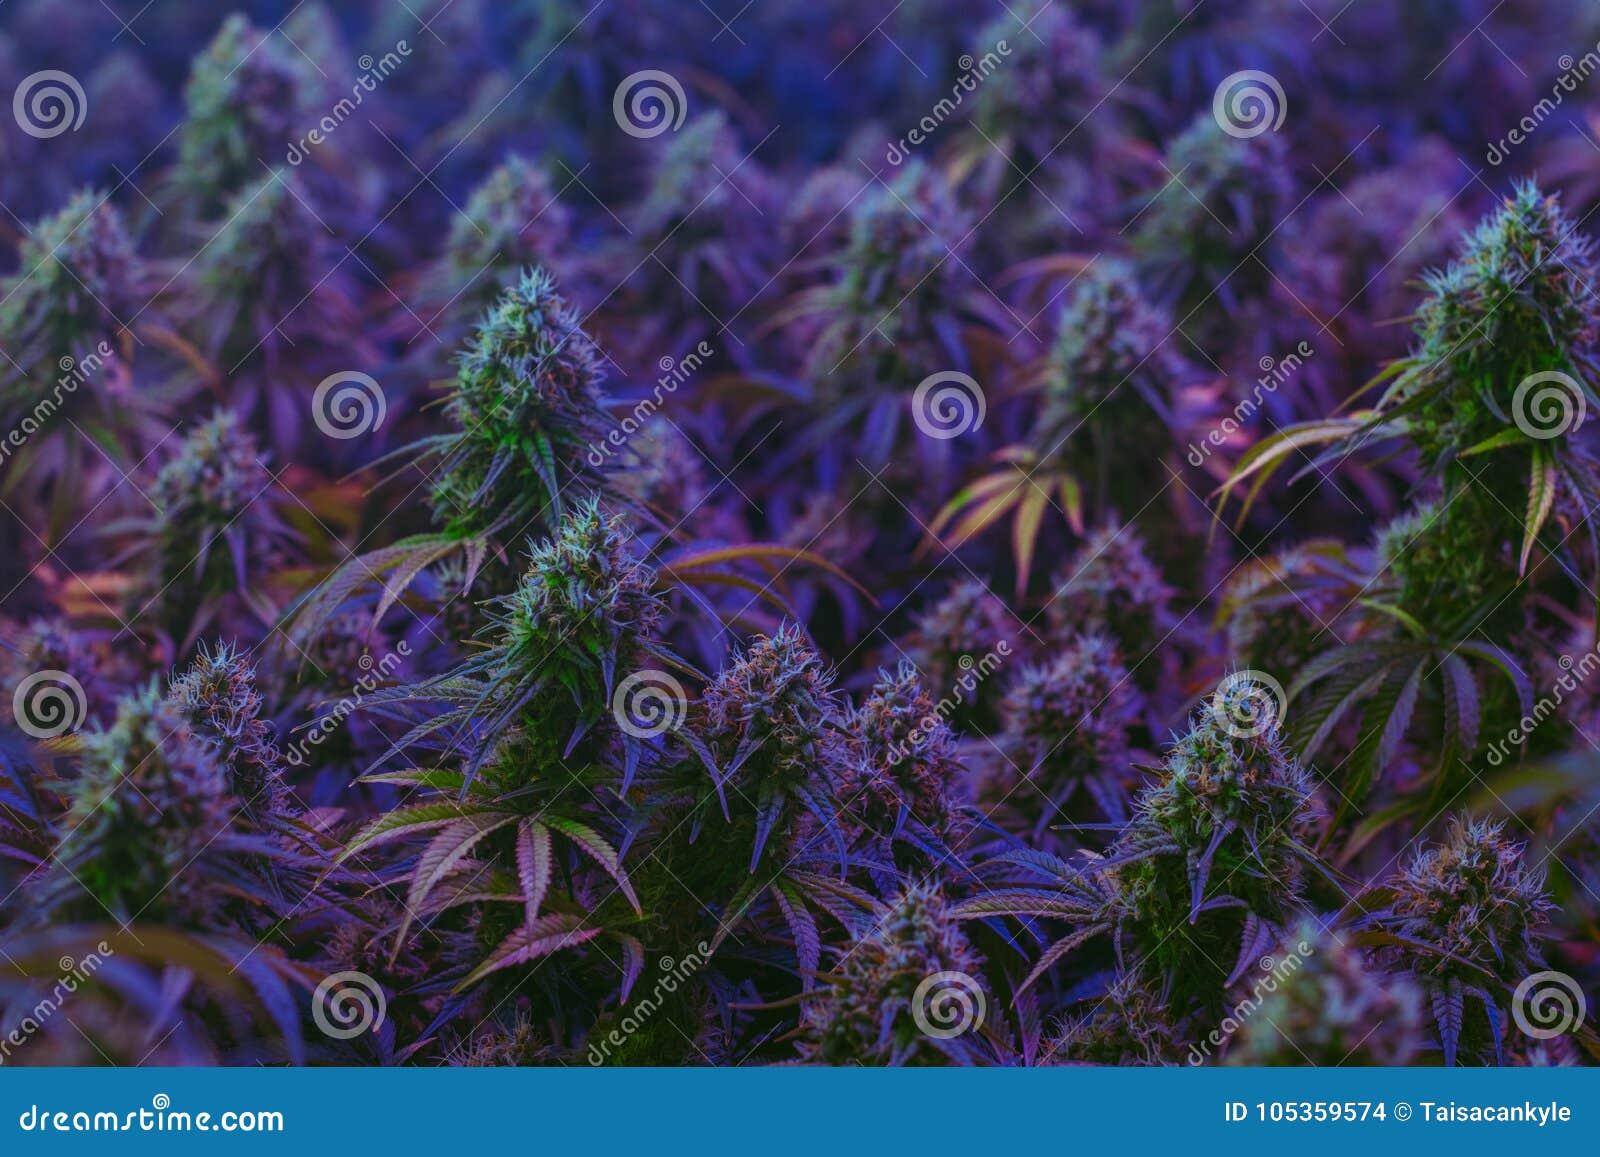 Όμορφες πορφυρές εγκαταστάσεις μαριχουάνα που καλλιεργούνται για την εναλλακτική χρήση υγειονομικής περίθαλψης